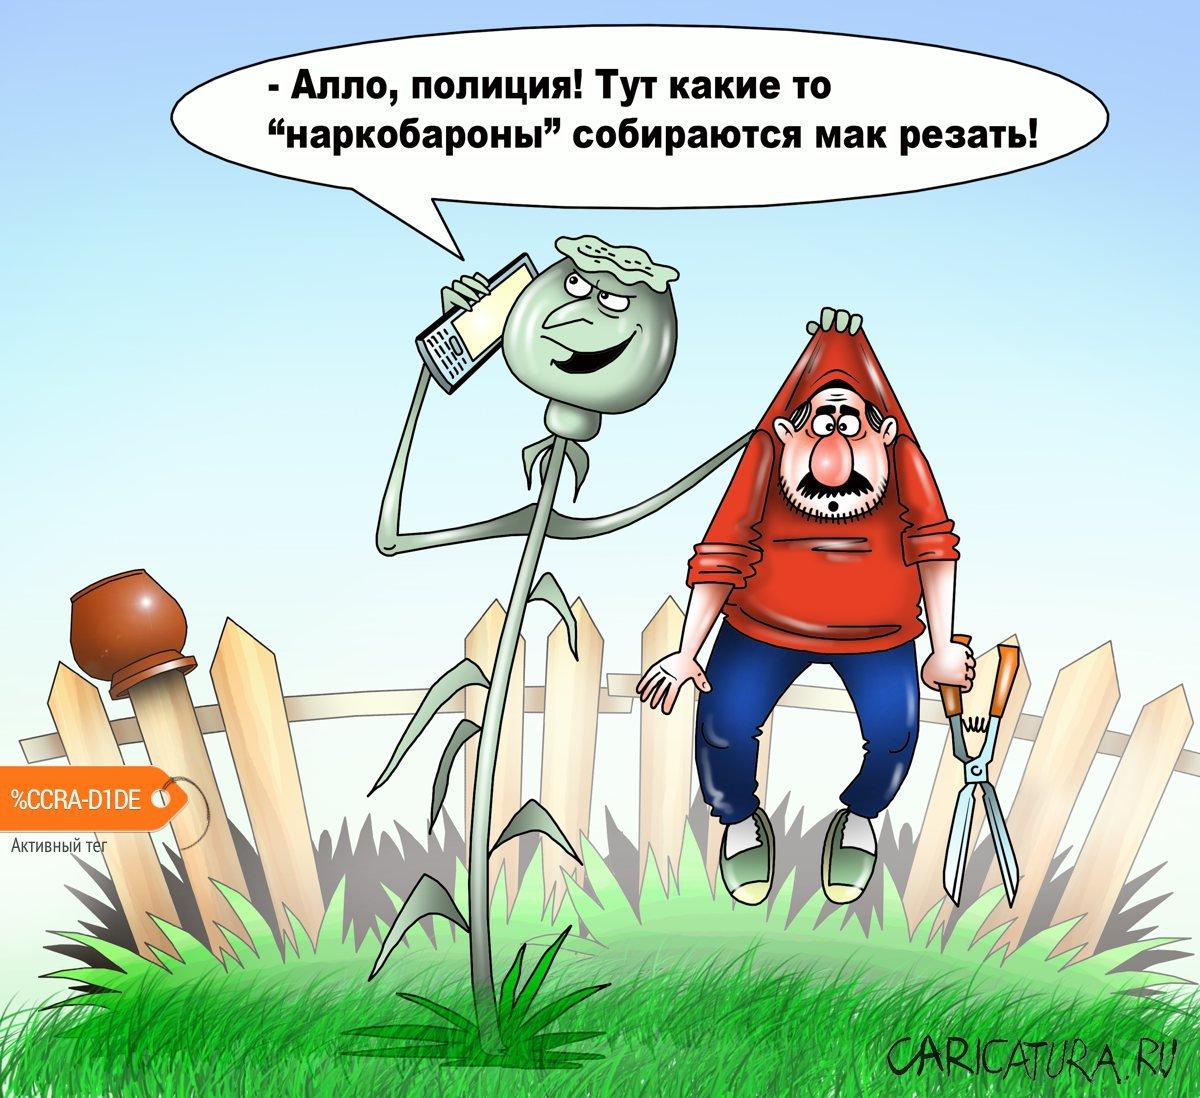 Деревенских жителей судят за мак, Сергей Корсун